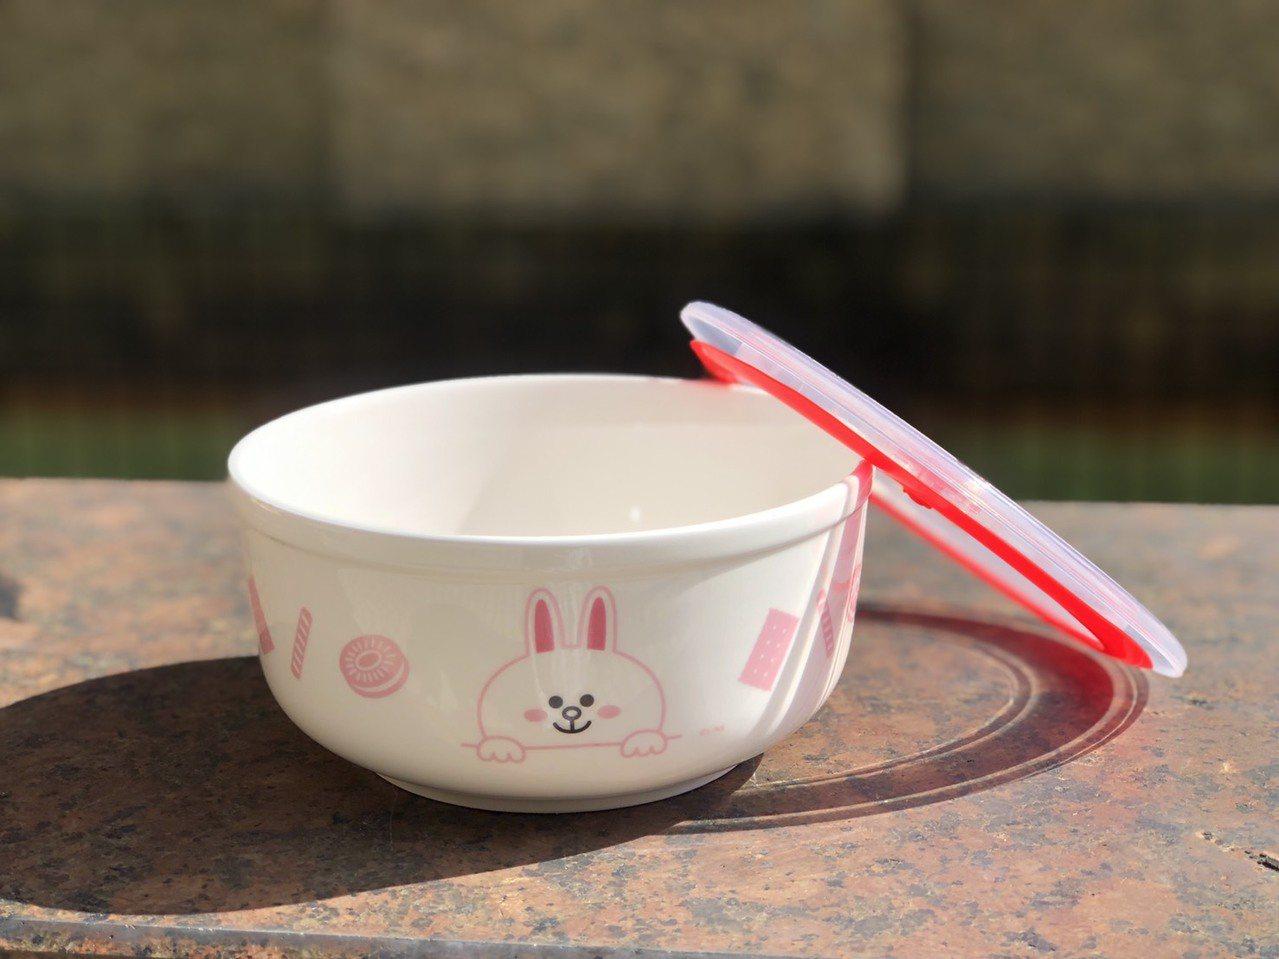 粉絲最愛「Line Firends陶瓷泡麵碗」。記者徐力剛/攝影